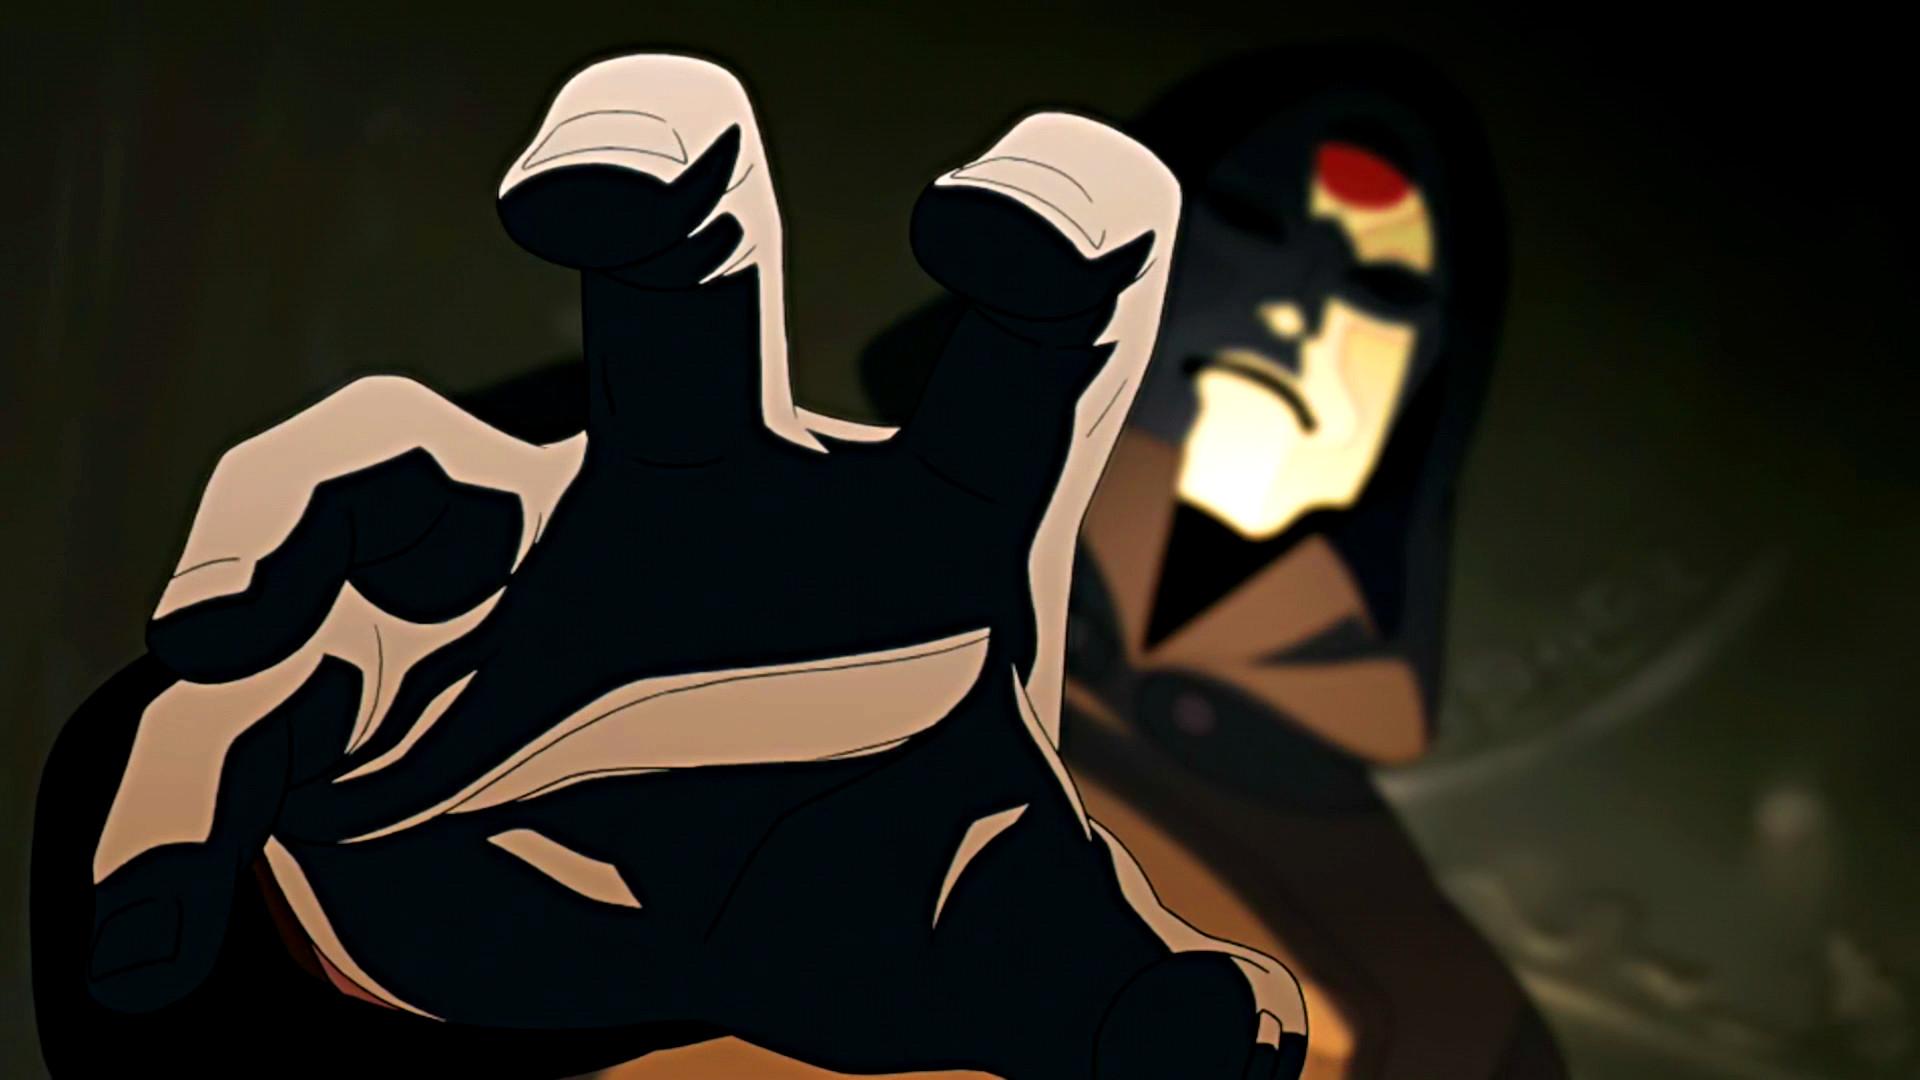 Anime – Avatar: The Legend Of Korra Wallpaper